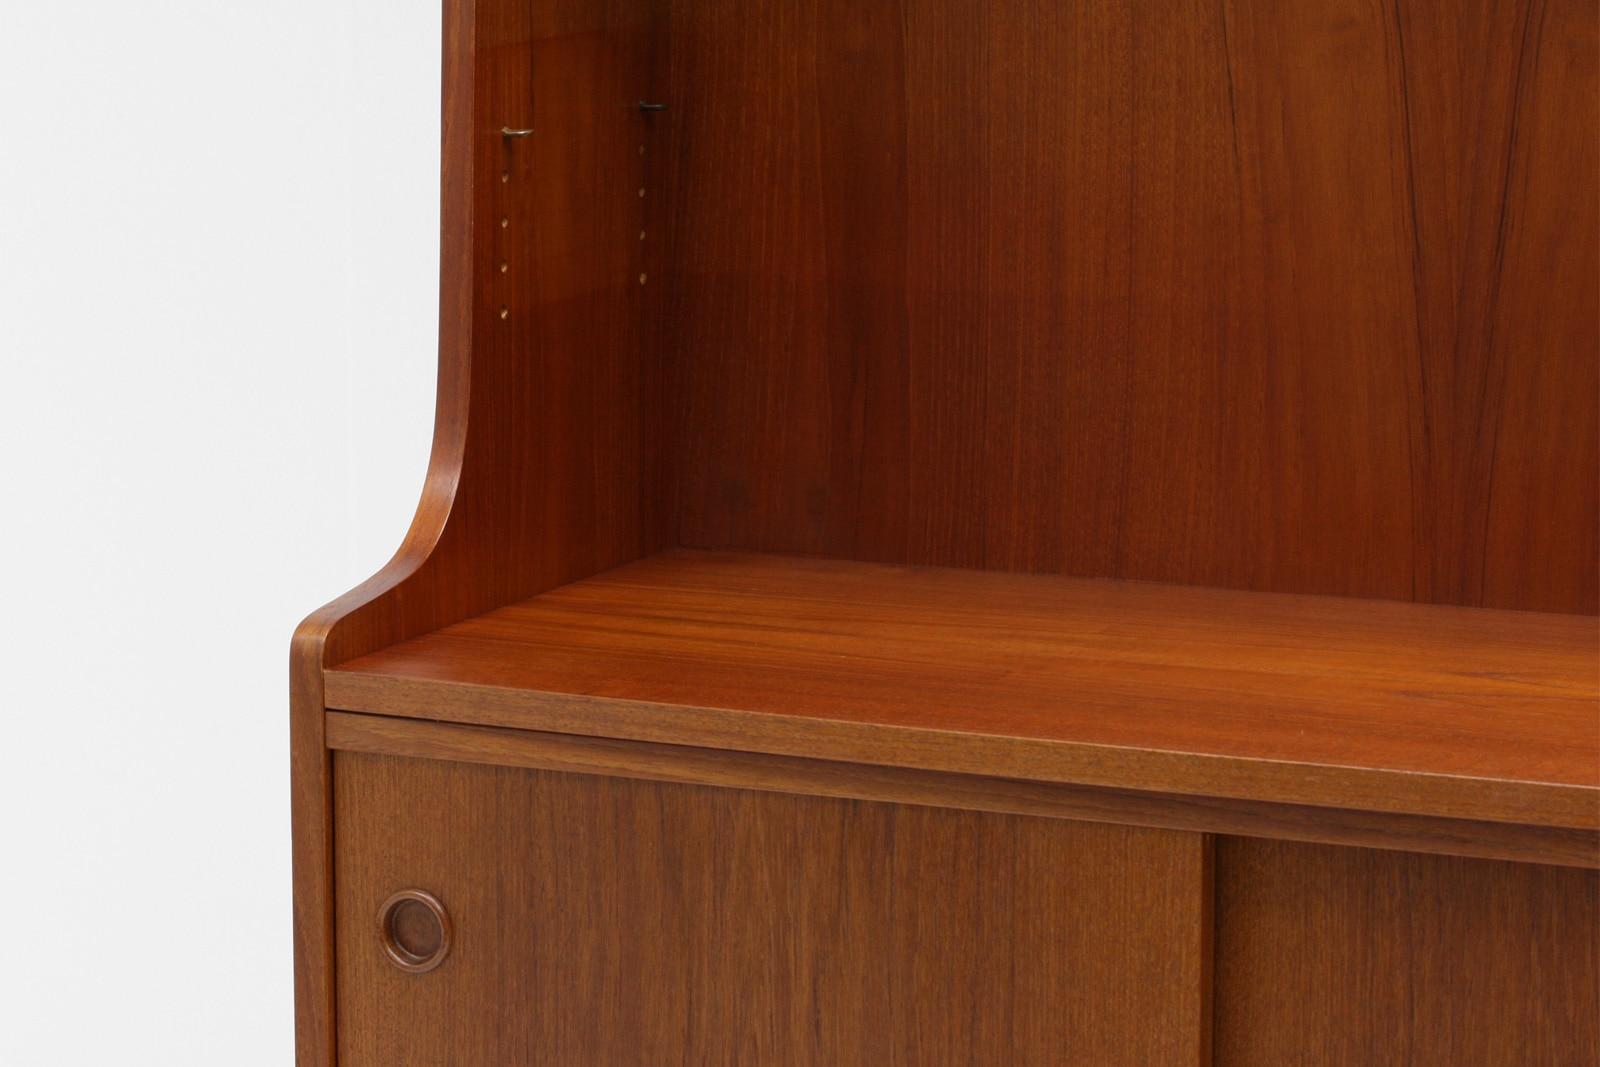 ヴィンテージ,北欧,家具,チーク材,本棚,ブックシェルフ